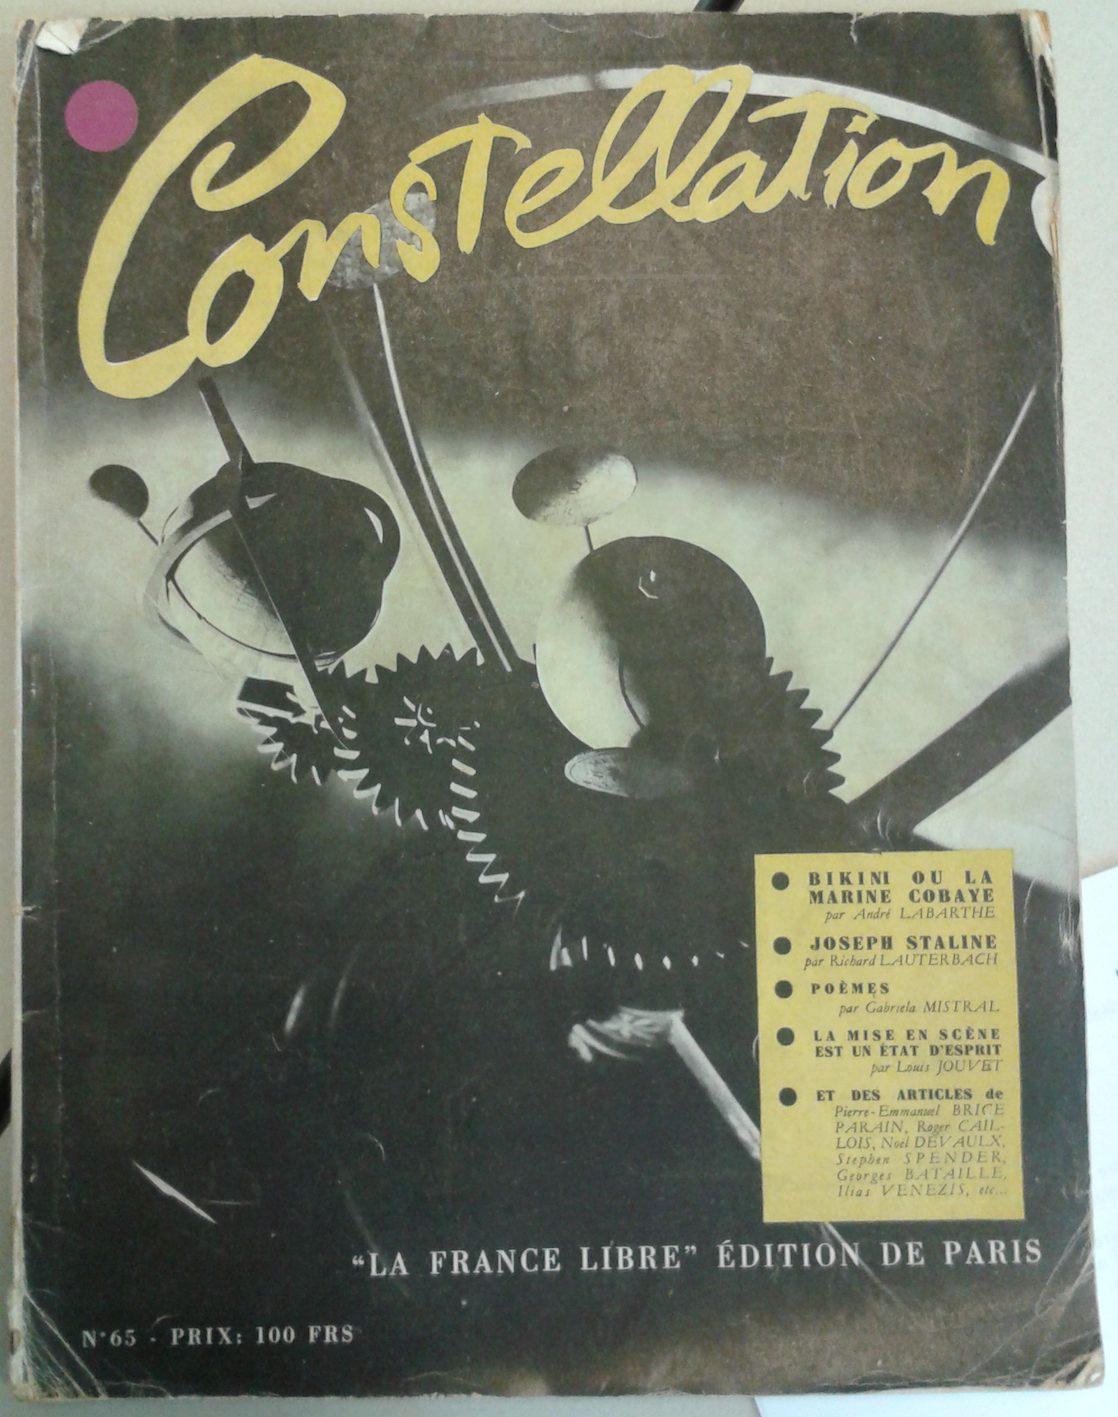 Constellation N°65